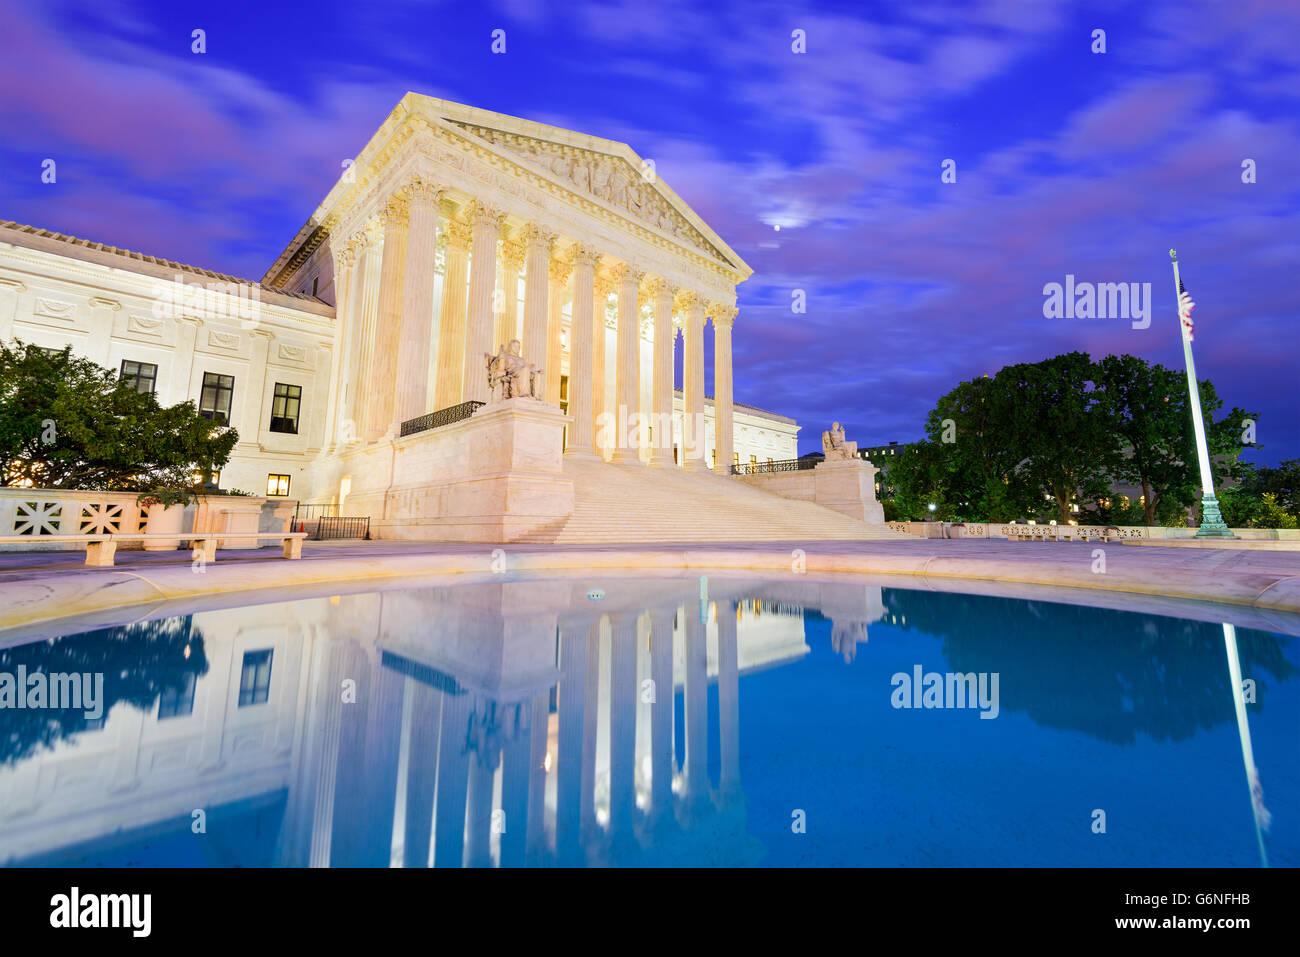 La Corte suprema degli Stati Uniti nella costruzione di Washington DC, Stati Uniti d'America. Immagini Stock